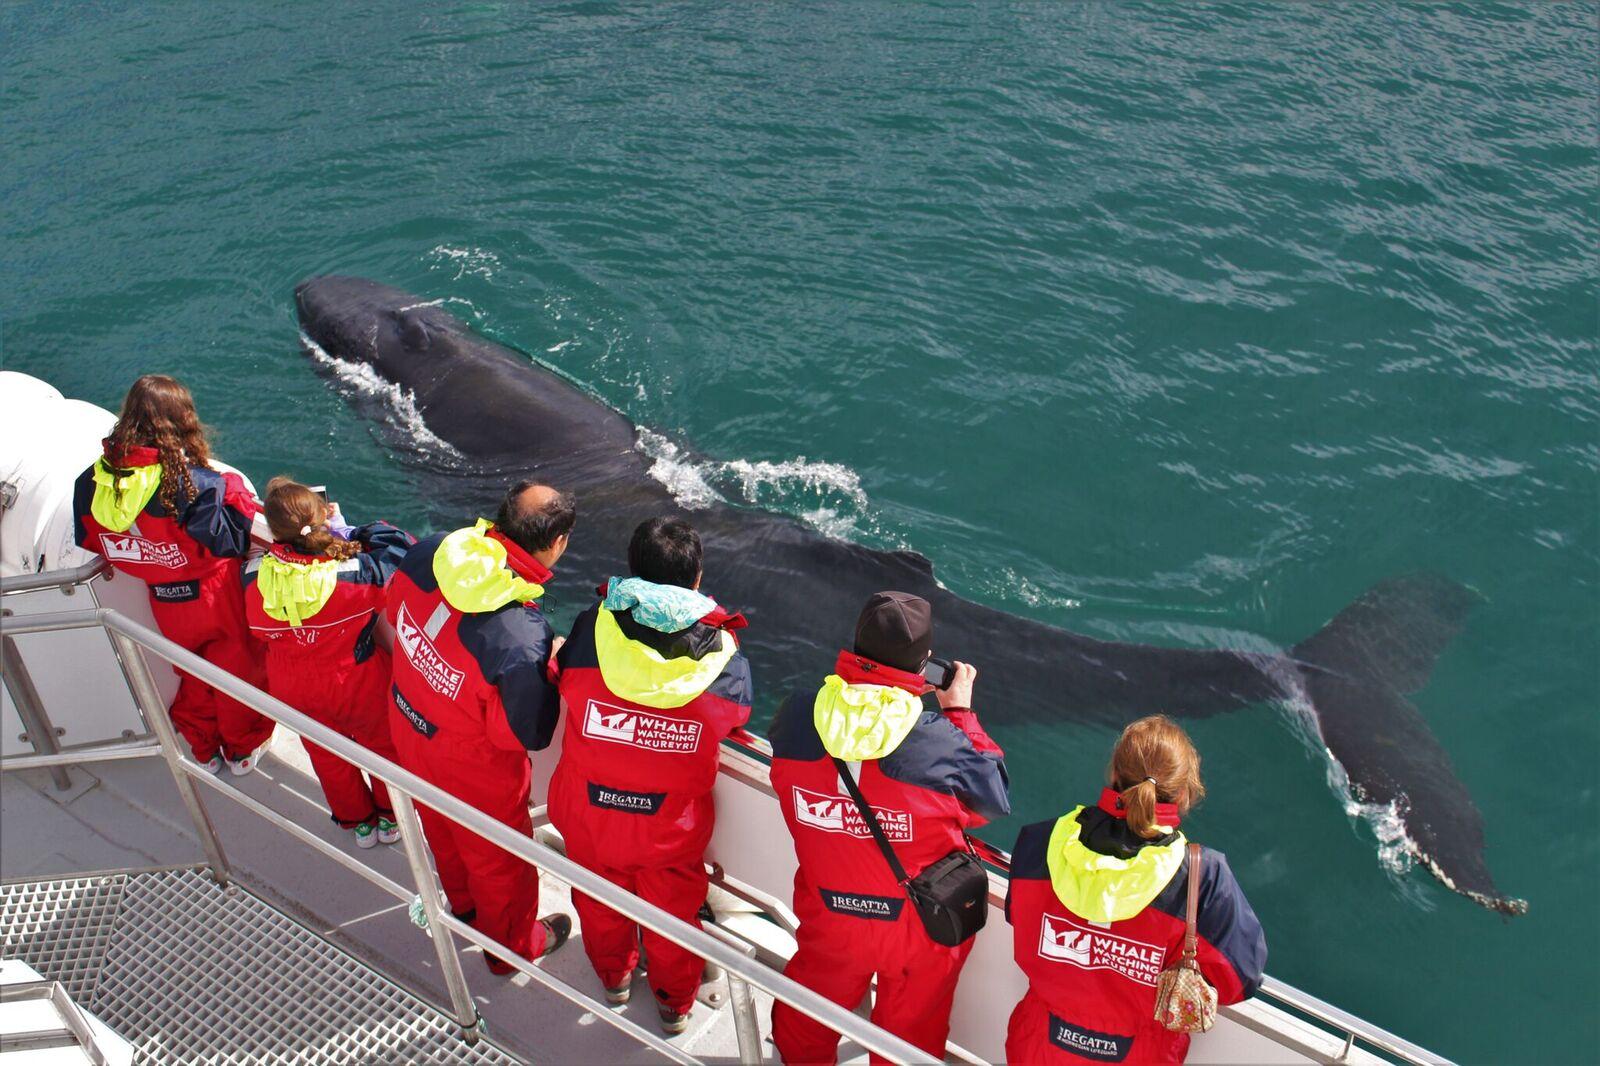 Der udleveres varme overalls på denne hvalsafari fra Akureyri.